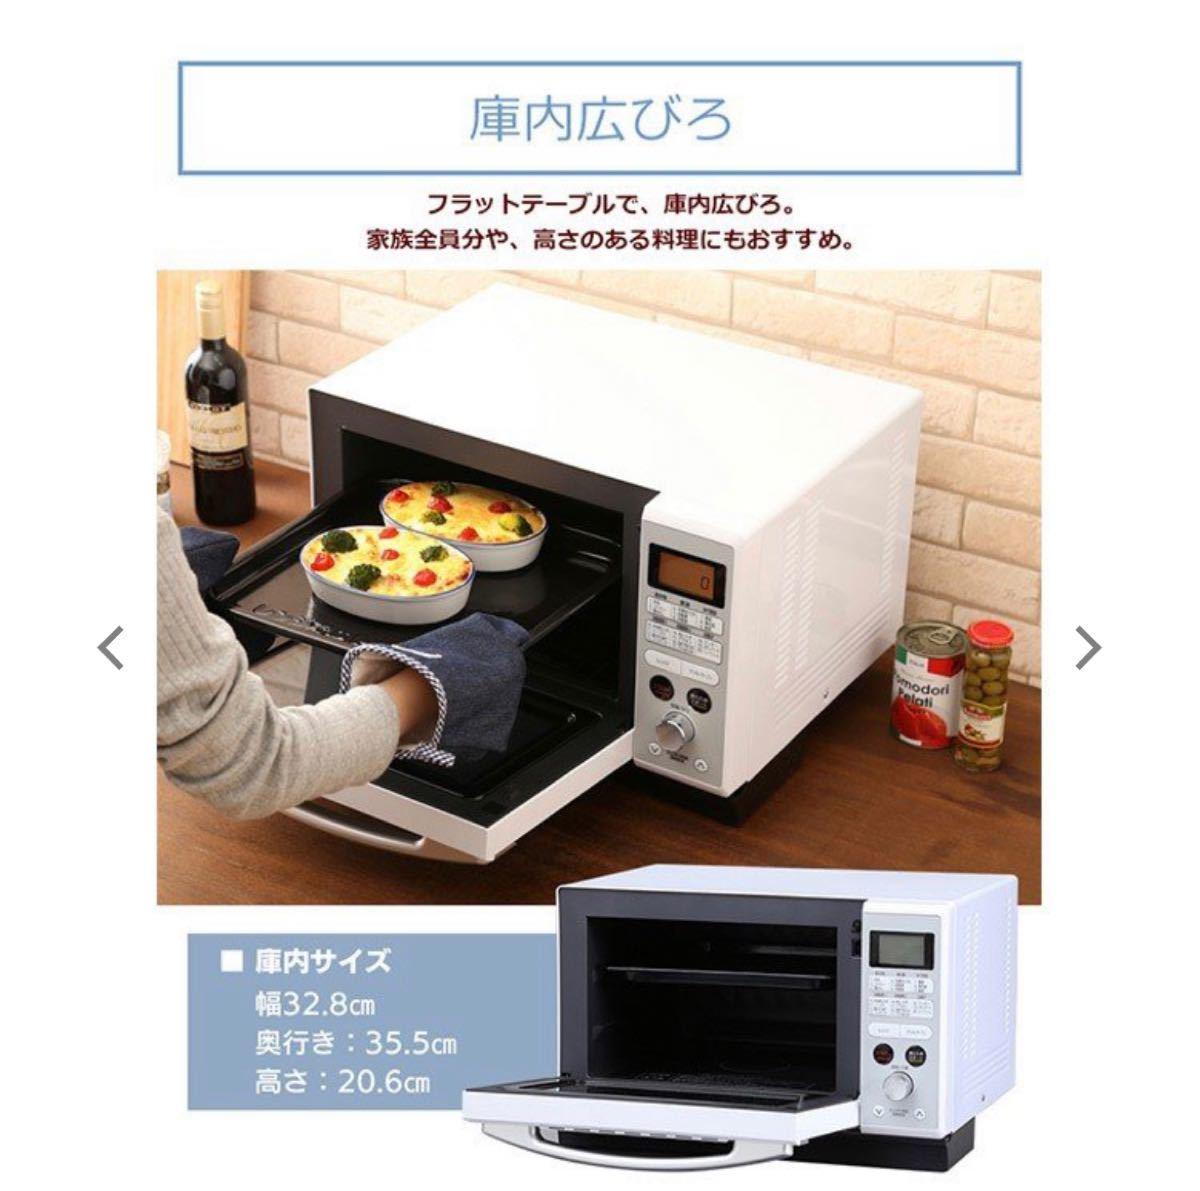 オーブンレンジ  電子レンジ  24L 白 スチーム スチームオーブンレンジ ホワイト アイリスオーヤマ MO-F2402